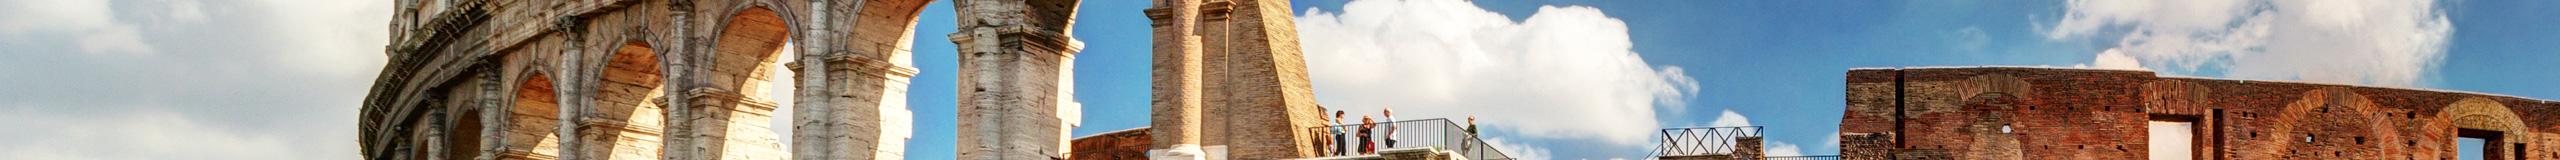 Découverte du Nord de l'Italie,</br> la Toscane et Rome